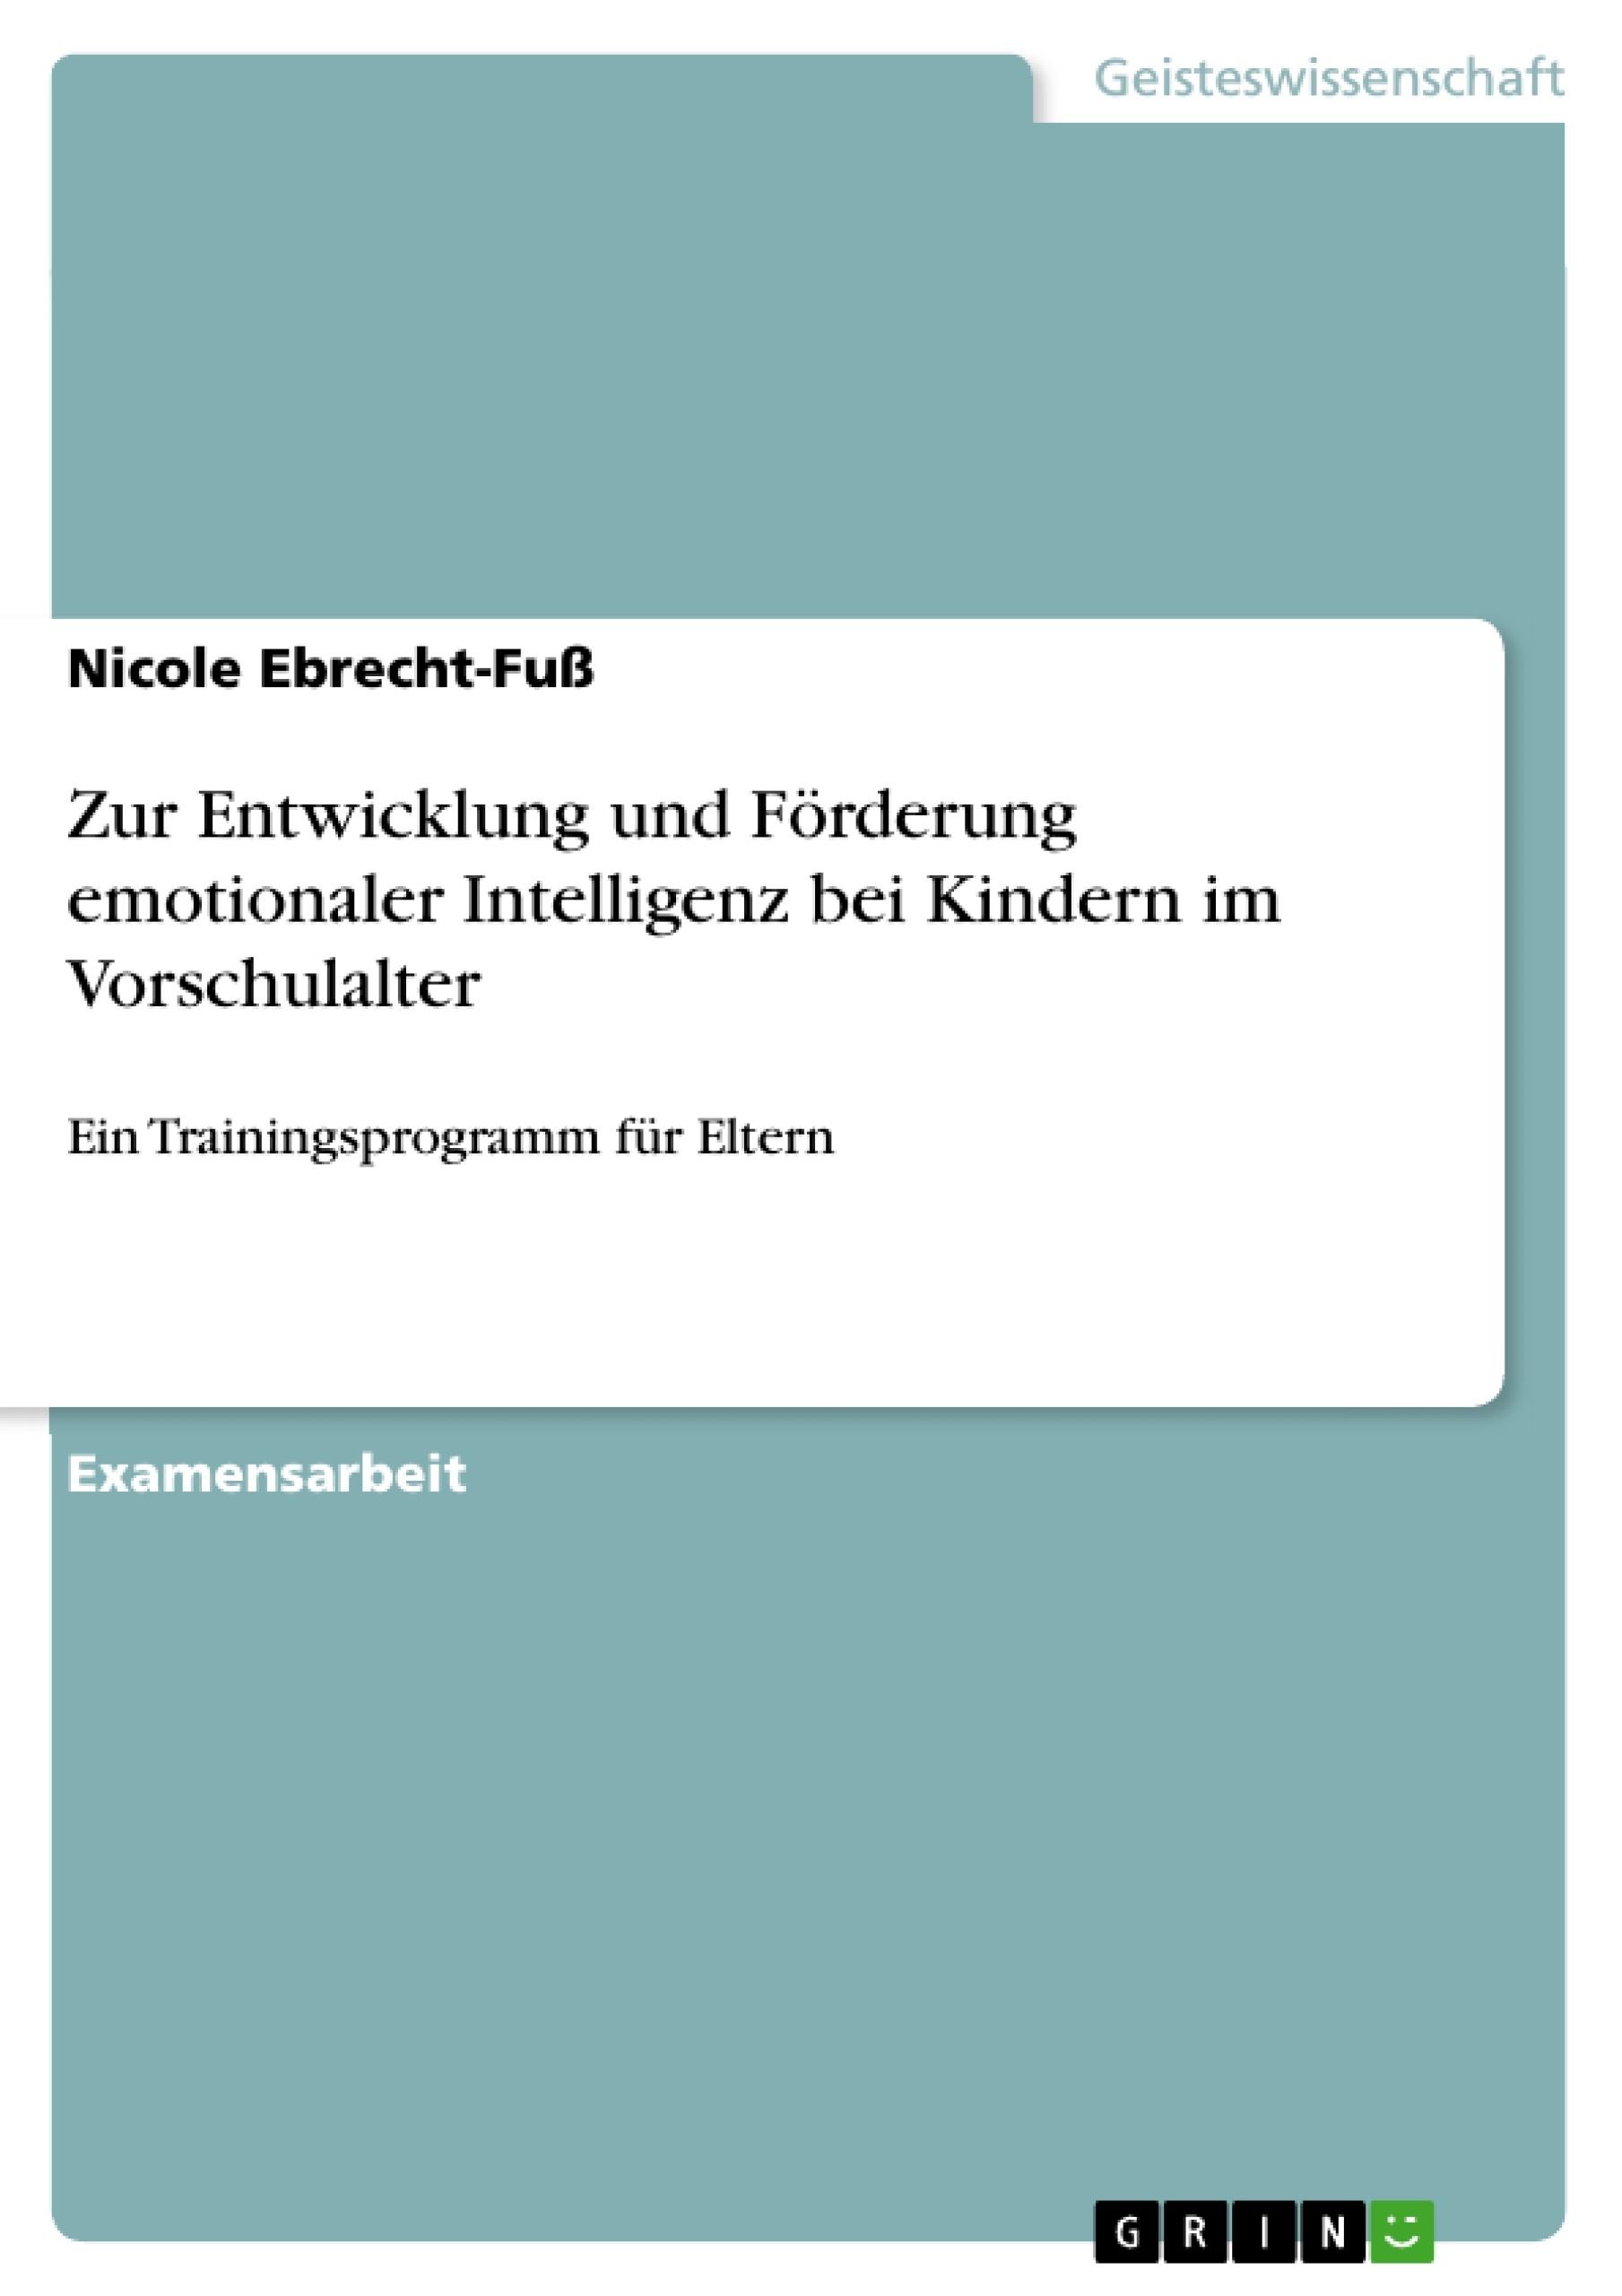 Titel: Zur Entwicklung und Förderung emotionaler Intelligenz bei Kindern im Vorschulalter